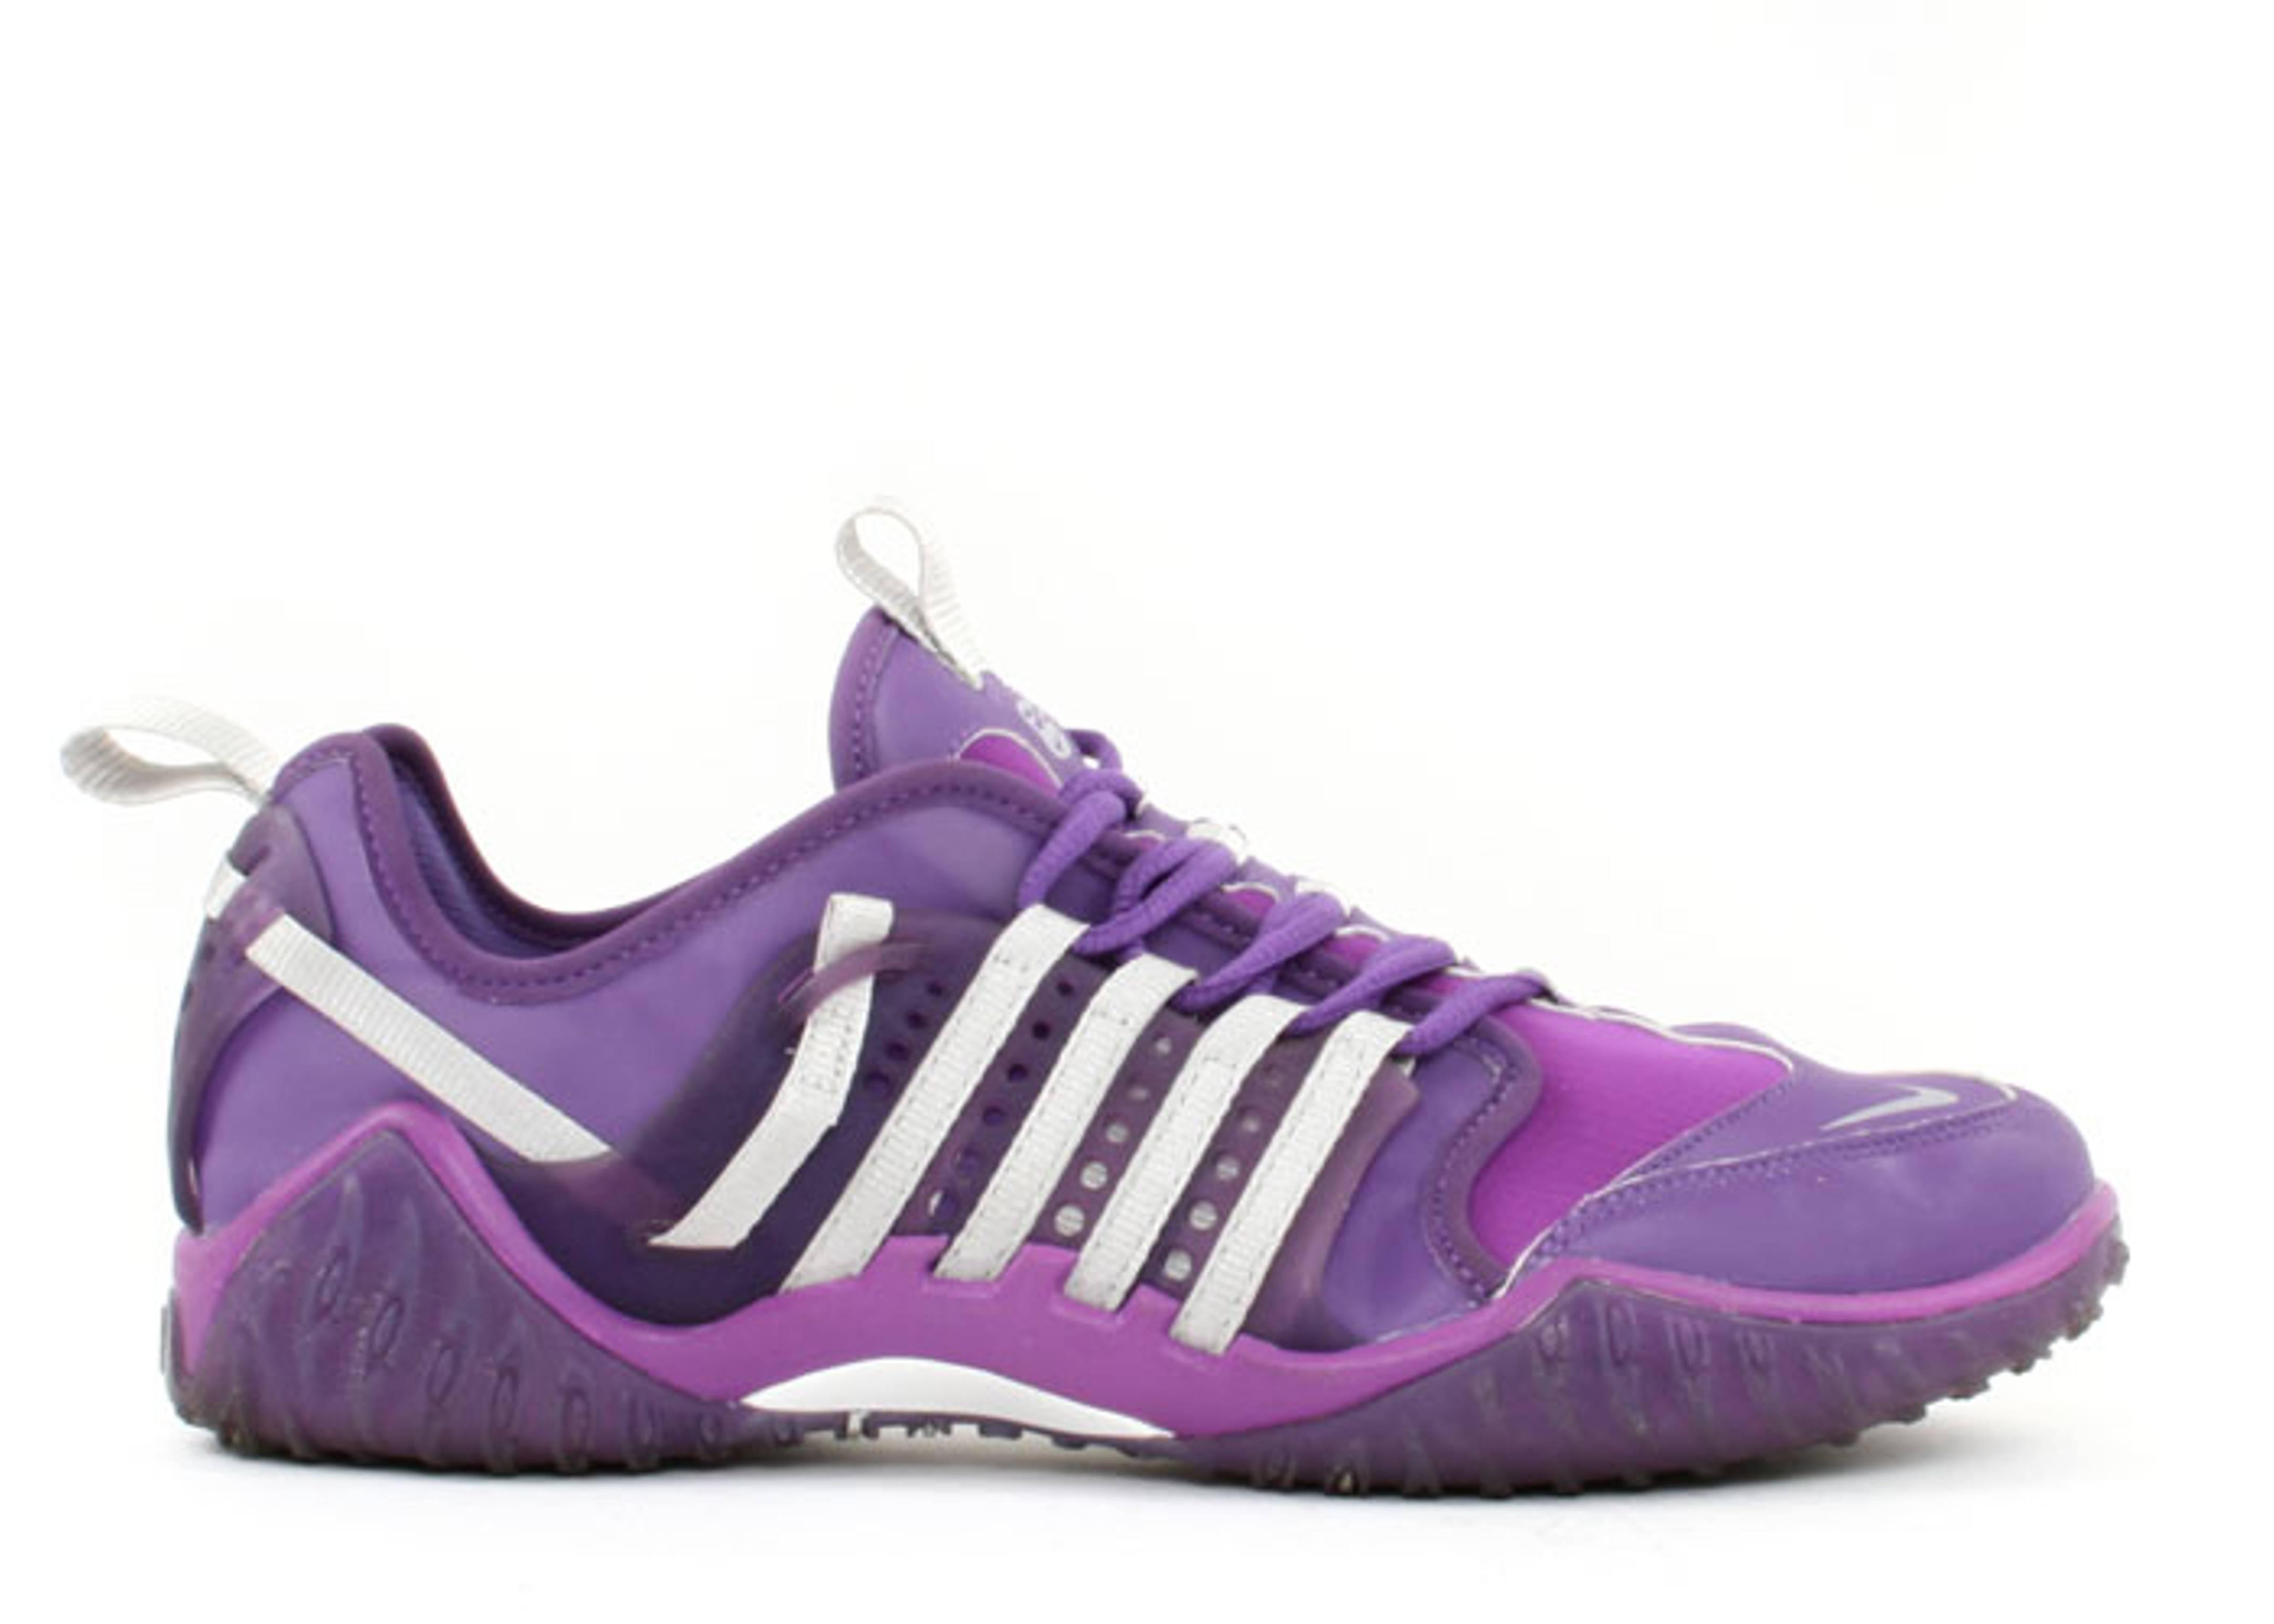 Couleurs variées cbc99 d7505 Air Zoom Haven B - Nike - 679059 502 - prism violet/metallic ...